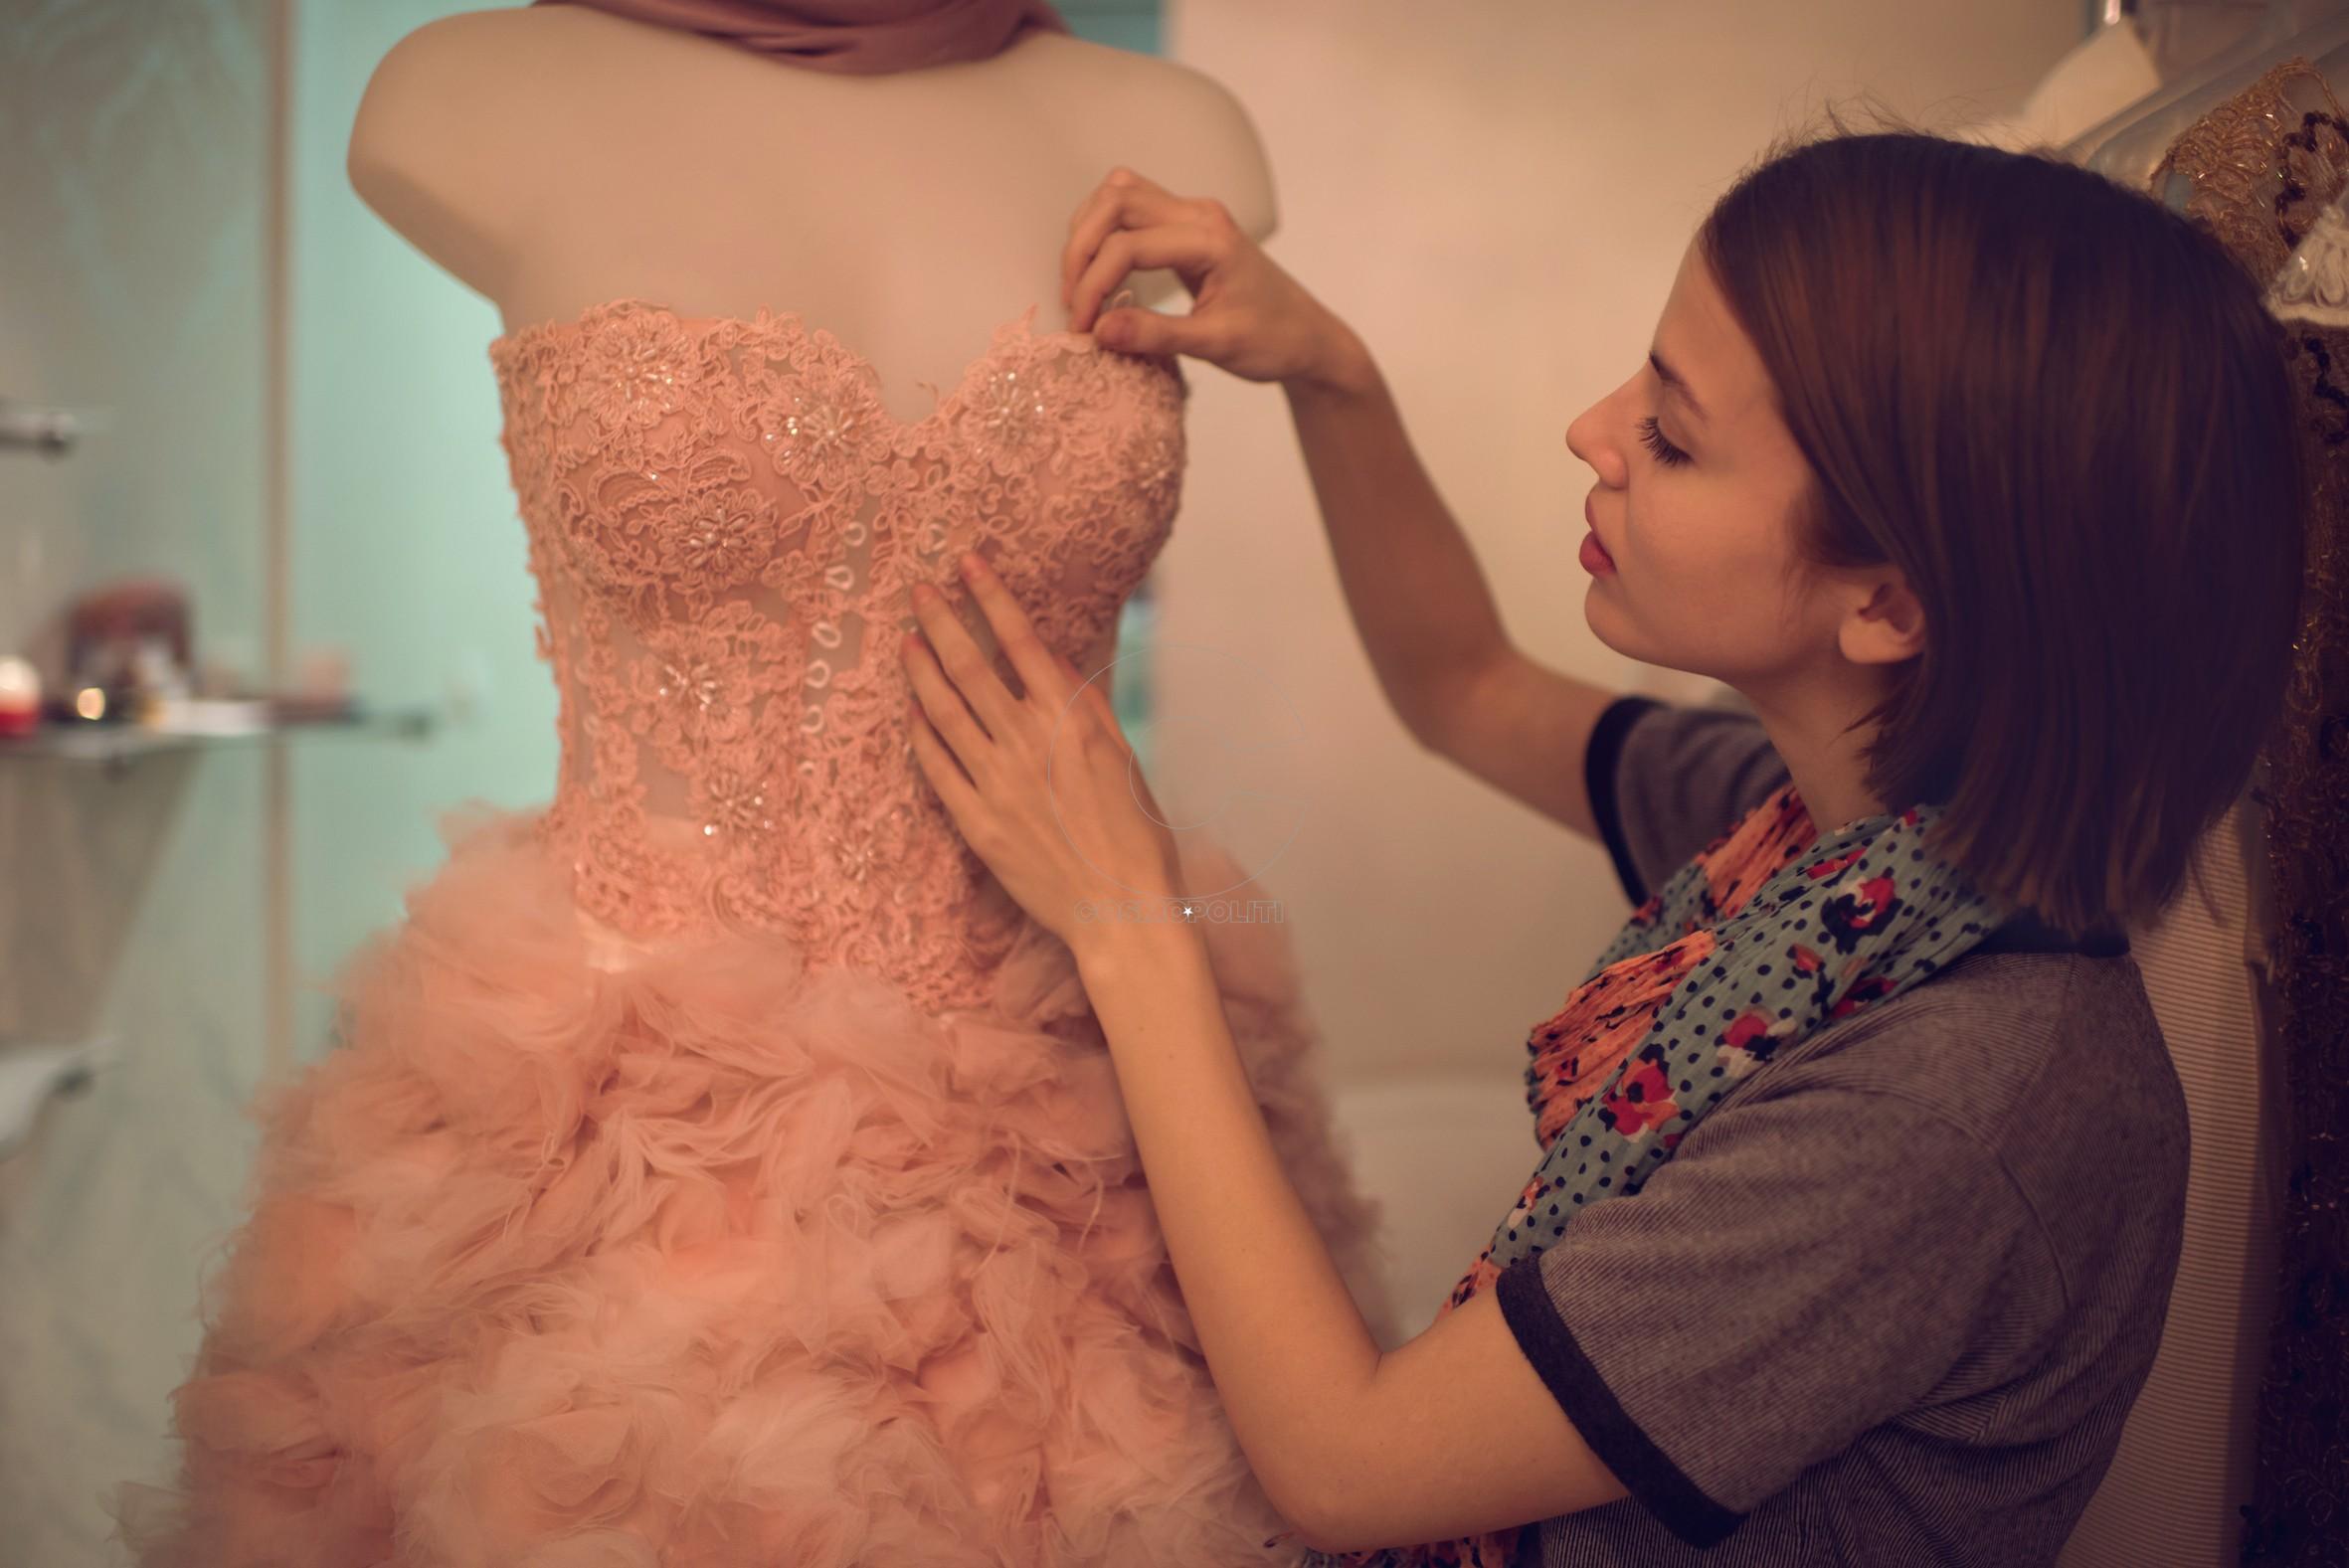 Young clothing designer adjusting dress on mannequin in fashion design studio.